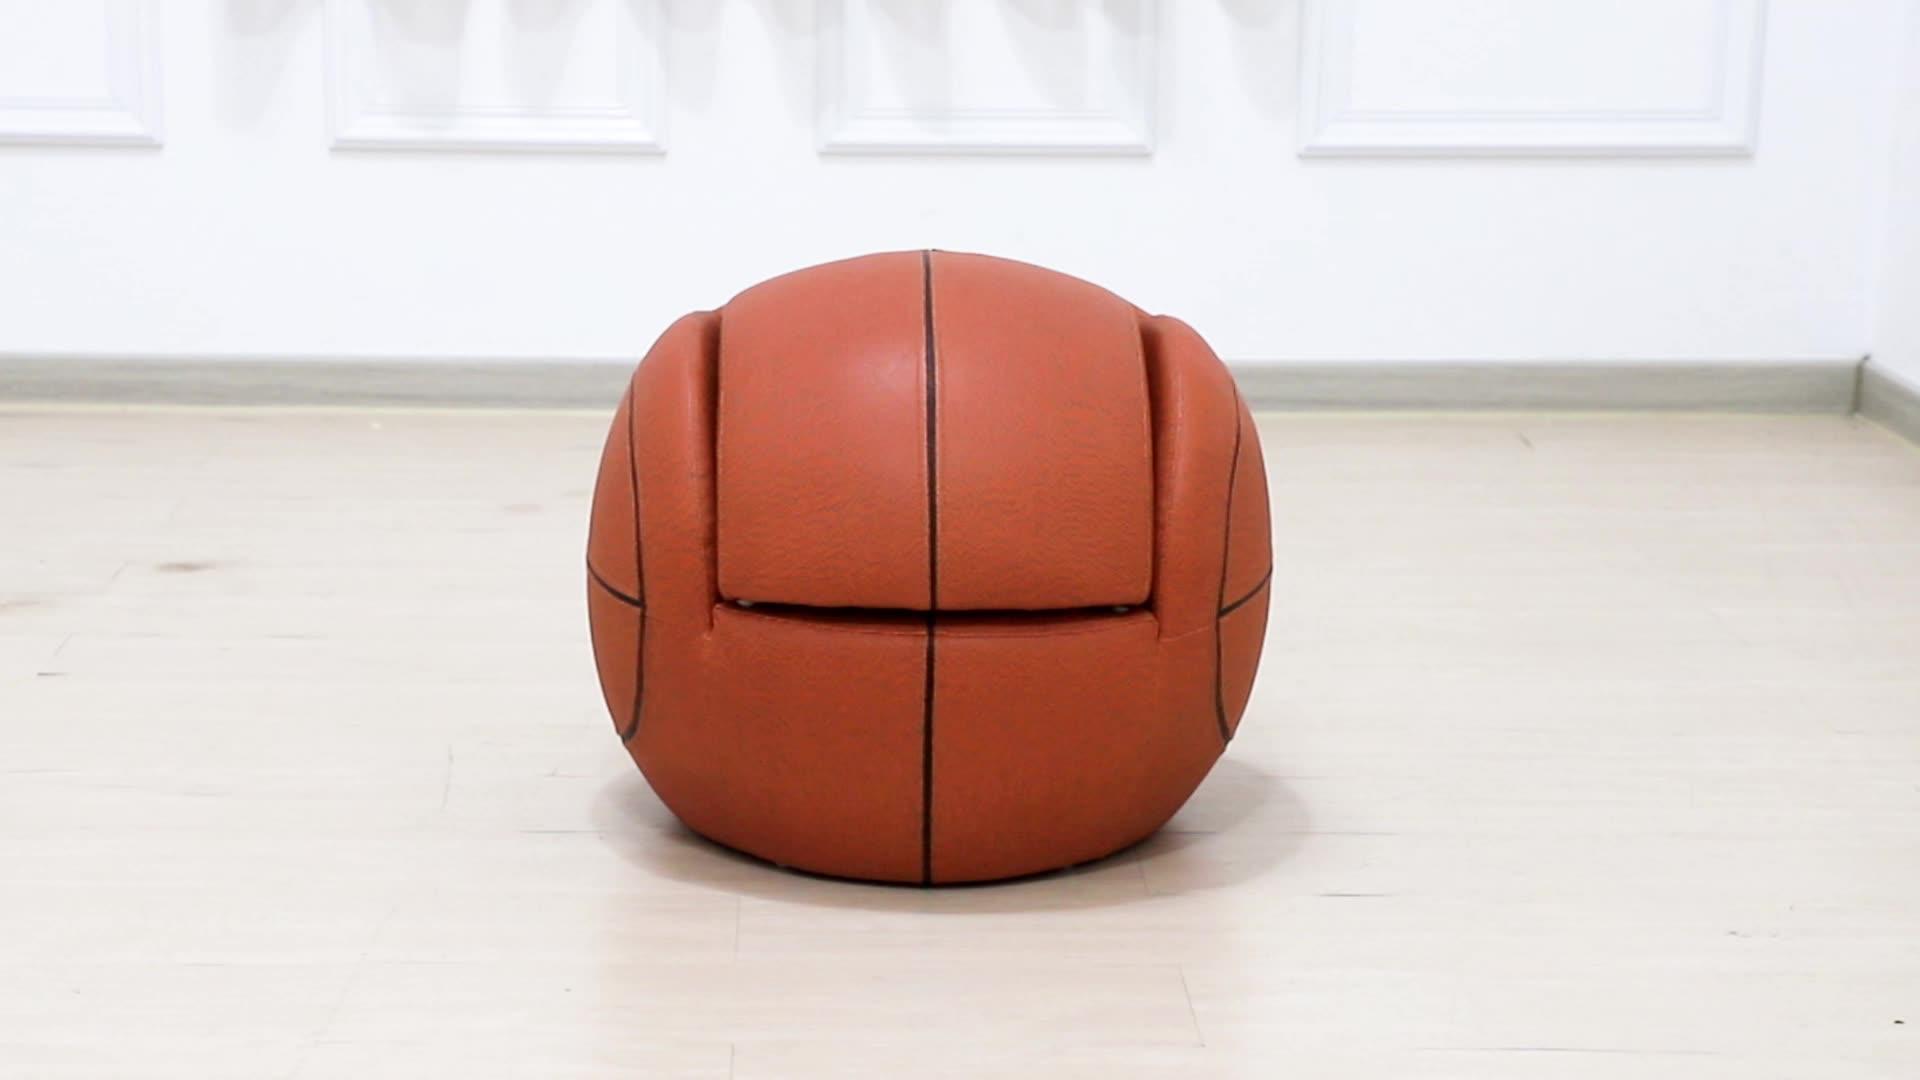 Hot Selling Amazon Bal Vorm Kinderen Sofa Meubels Basketbal Fauteuil Met Voetenbank